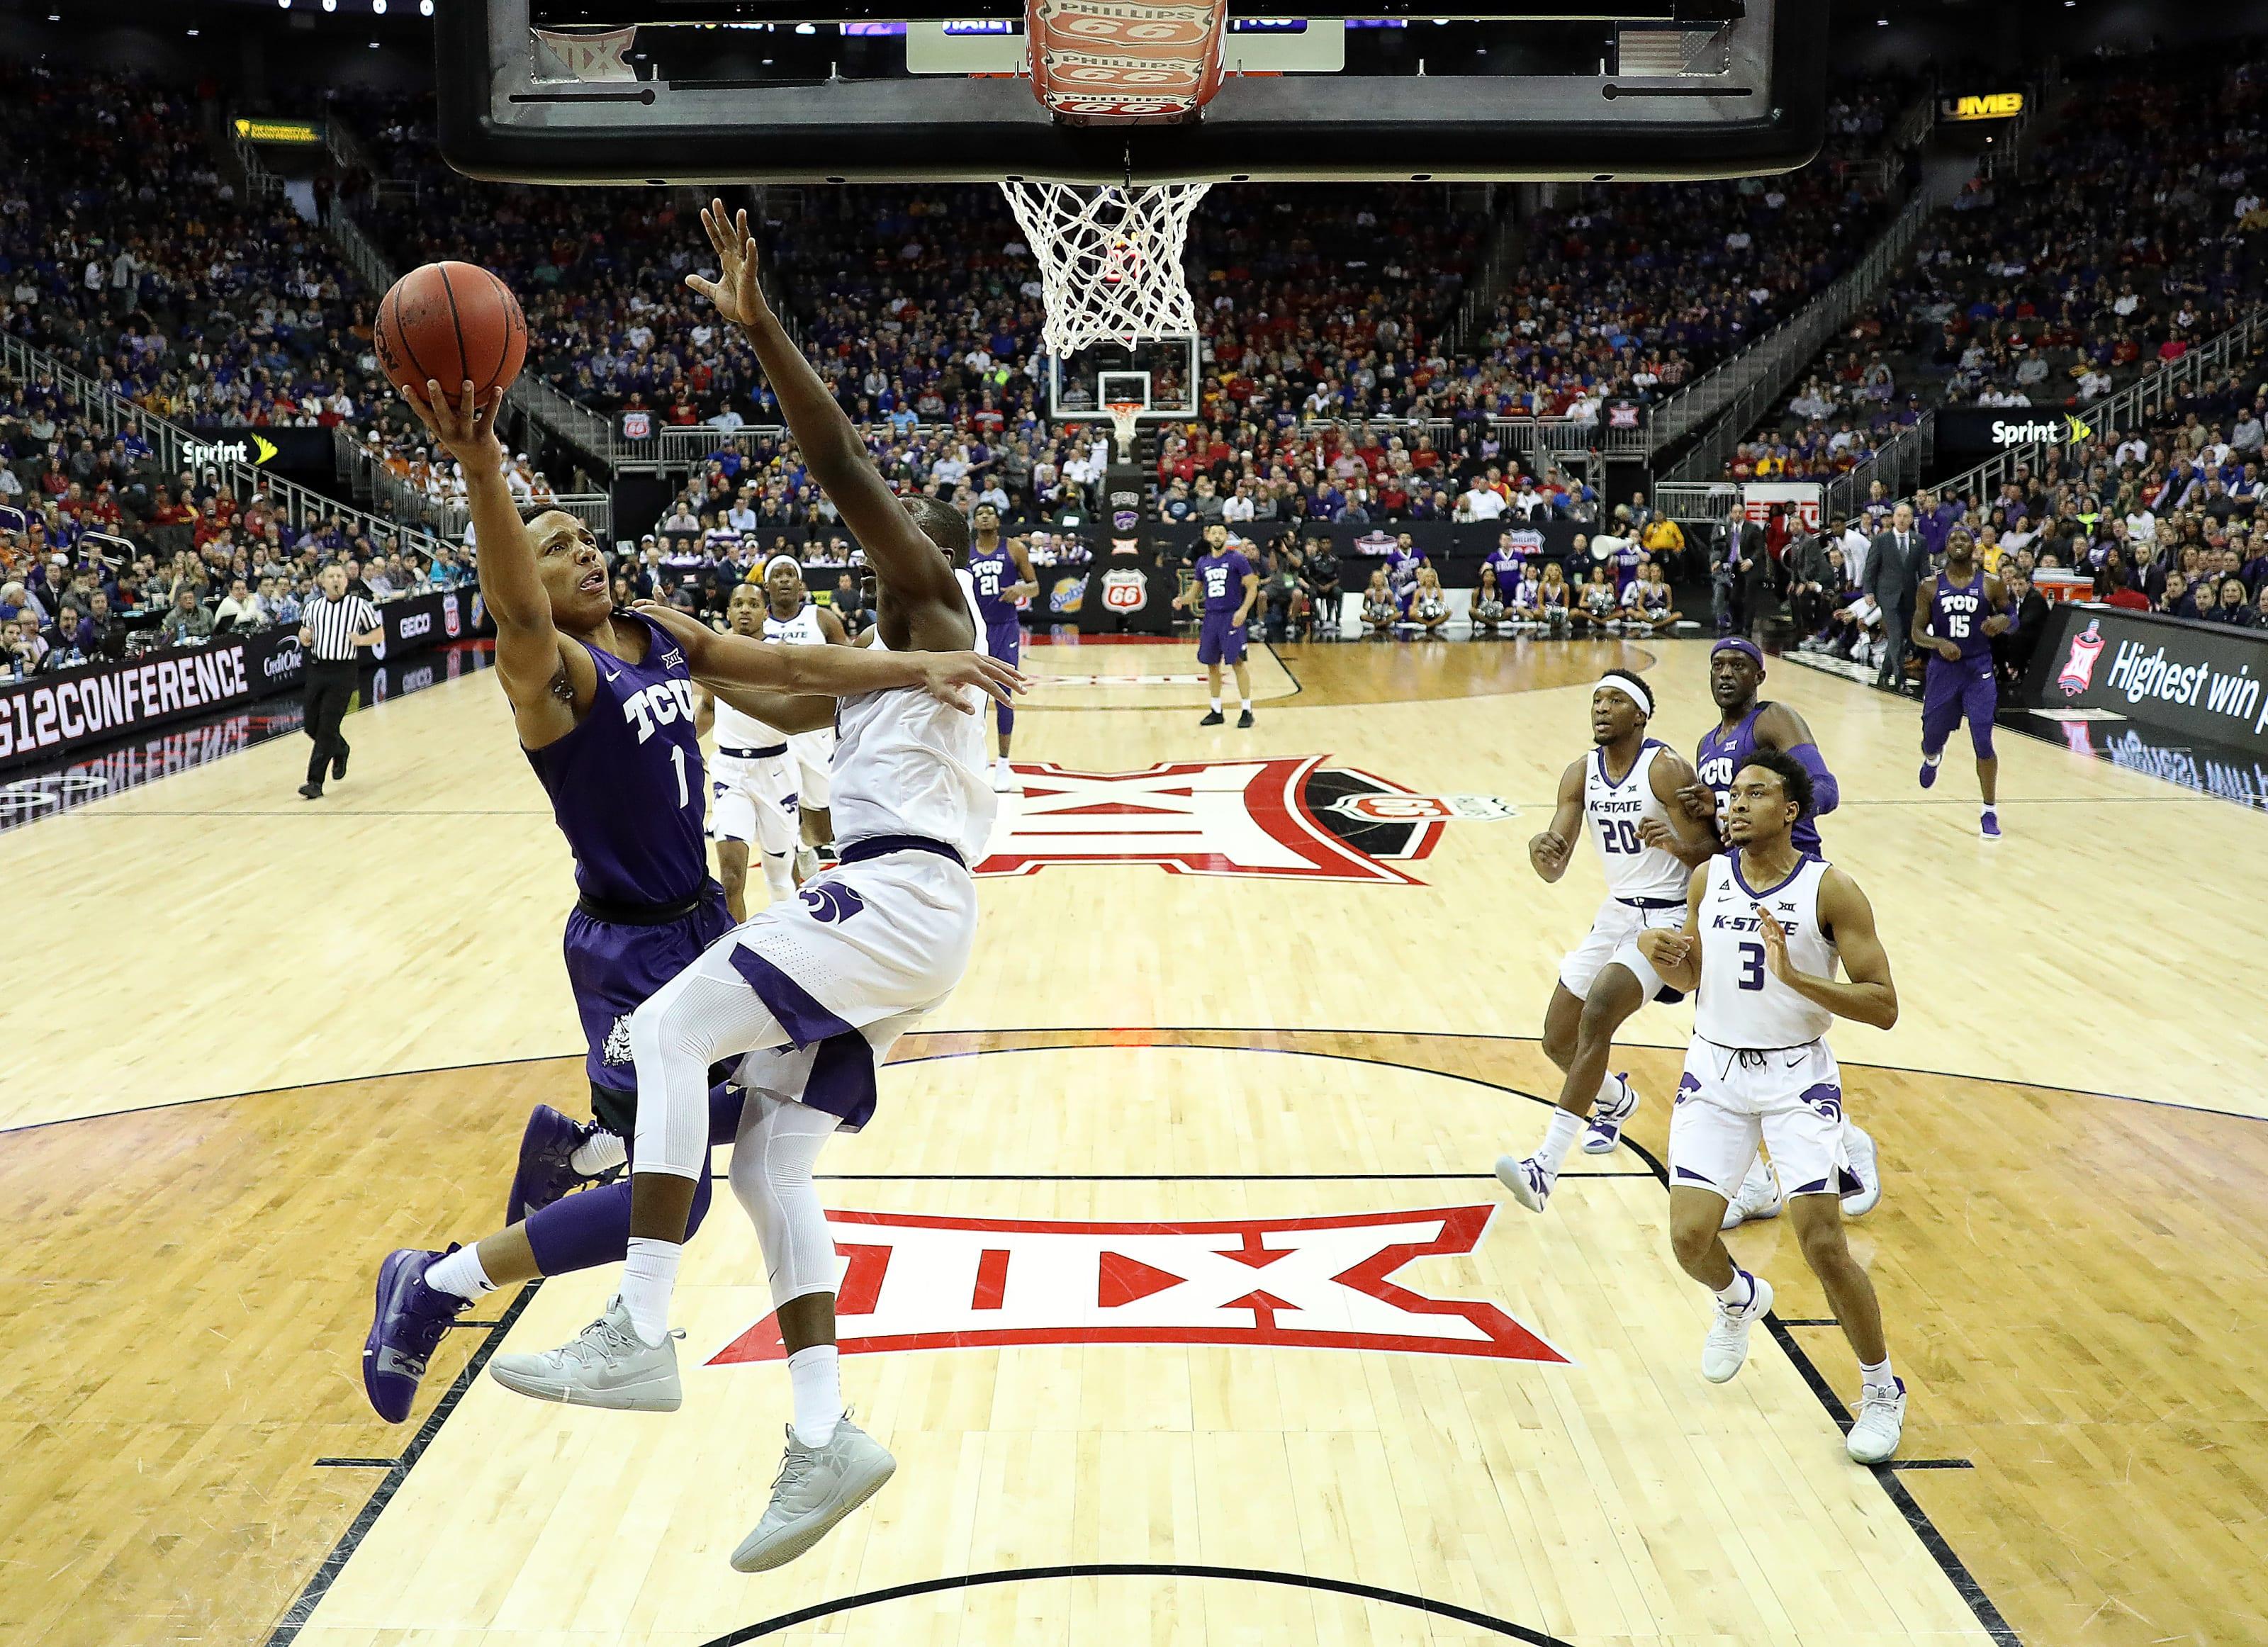 Big 12 Basketball